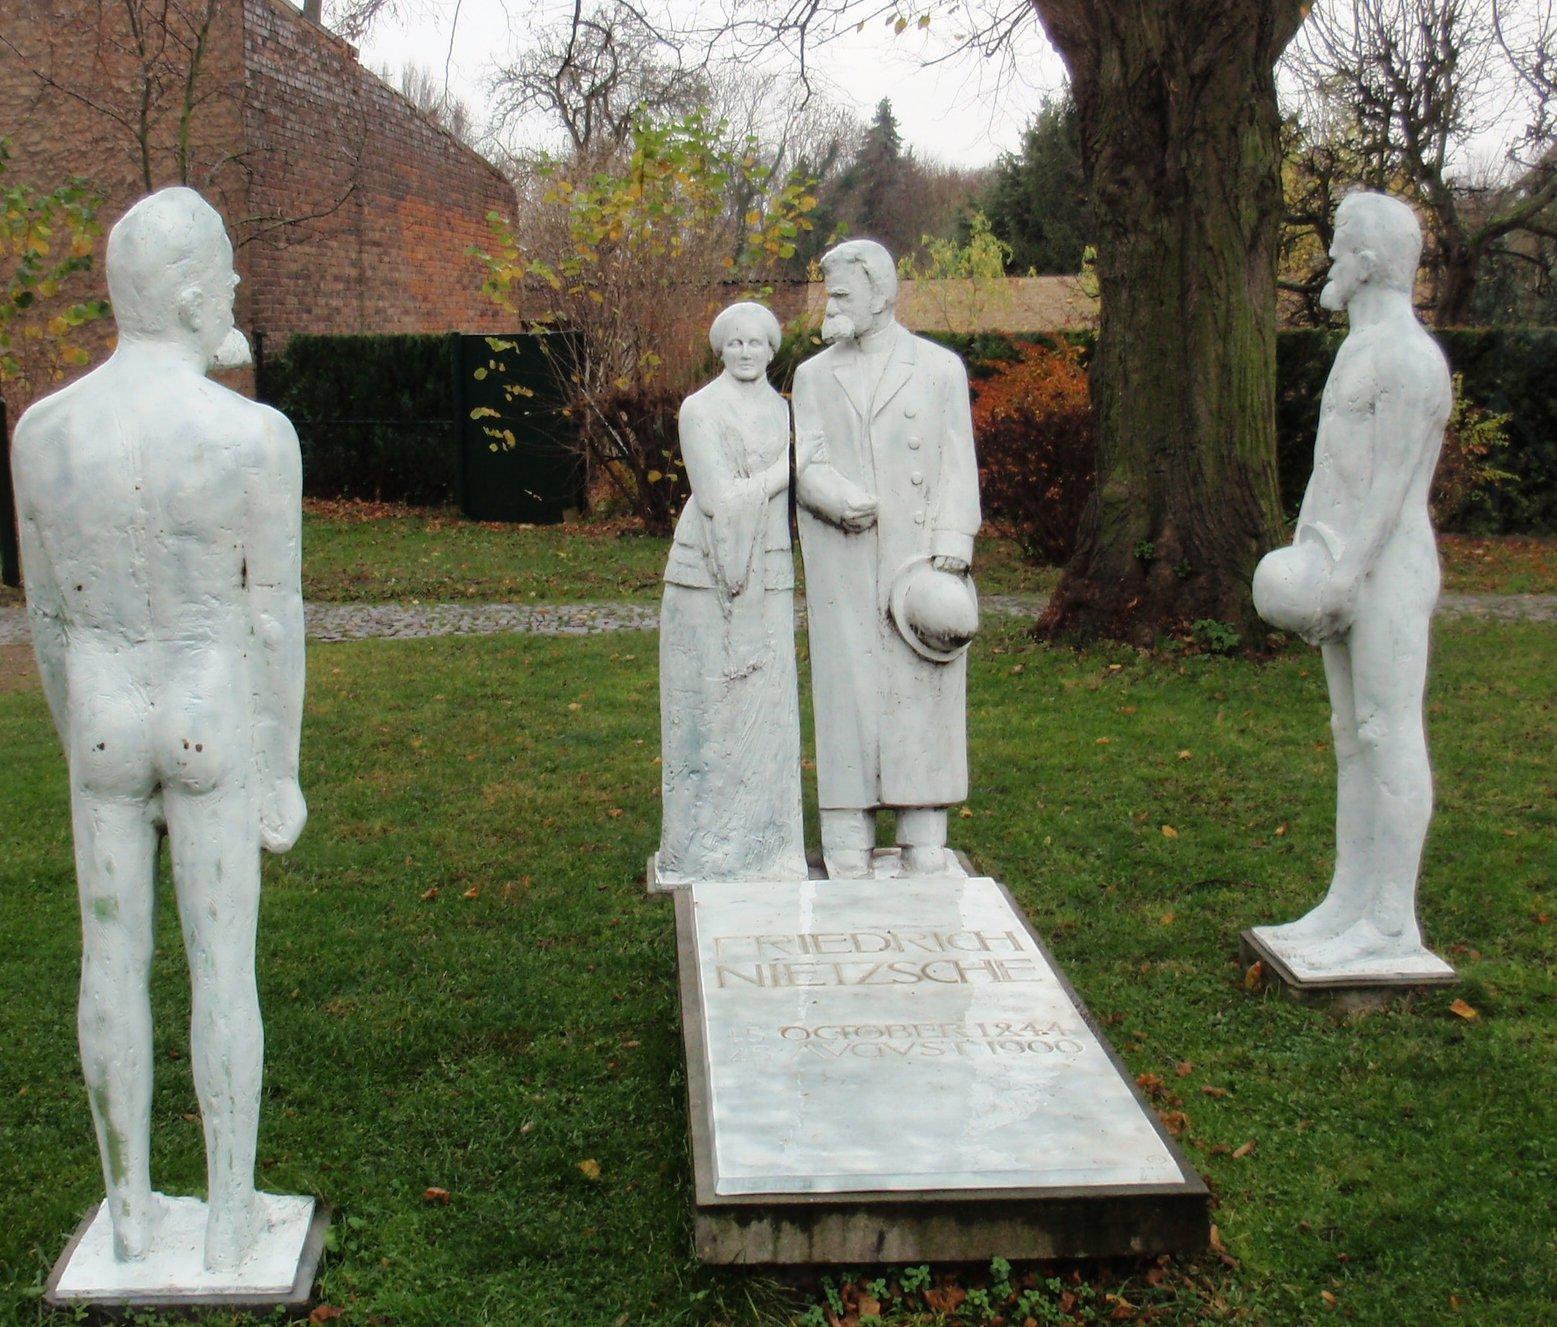 Gruppo di sculture attorno alla tomba di Nietzsche, a Röcken